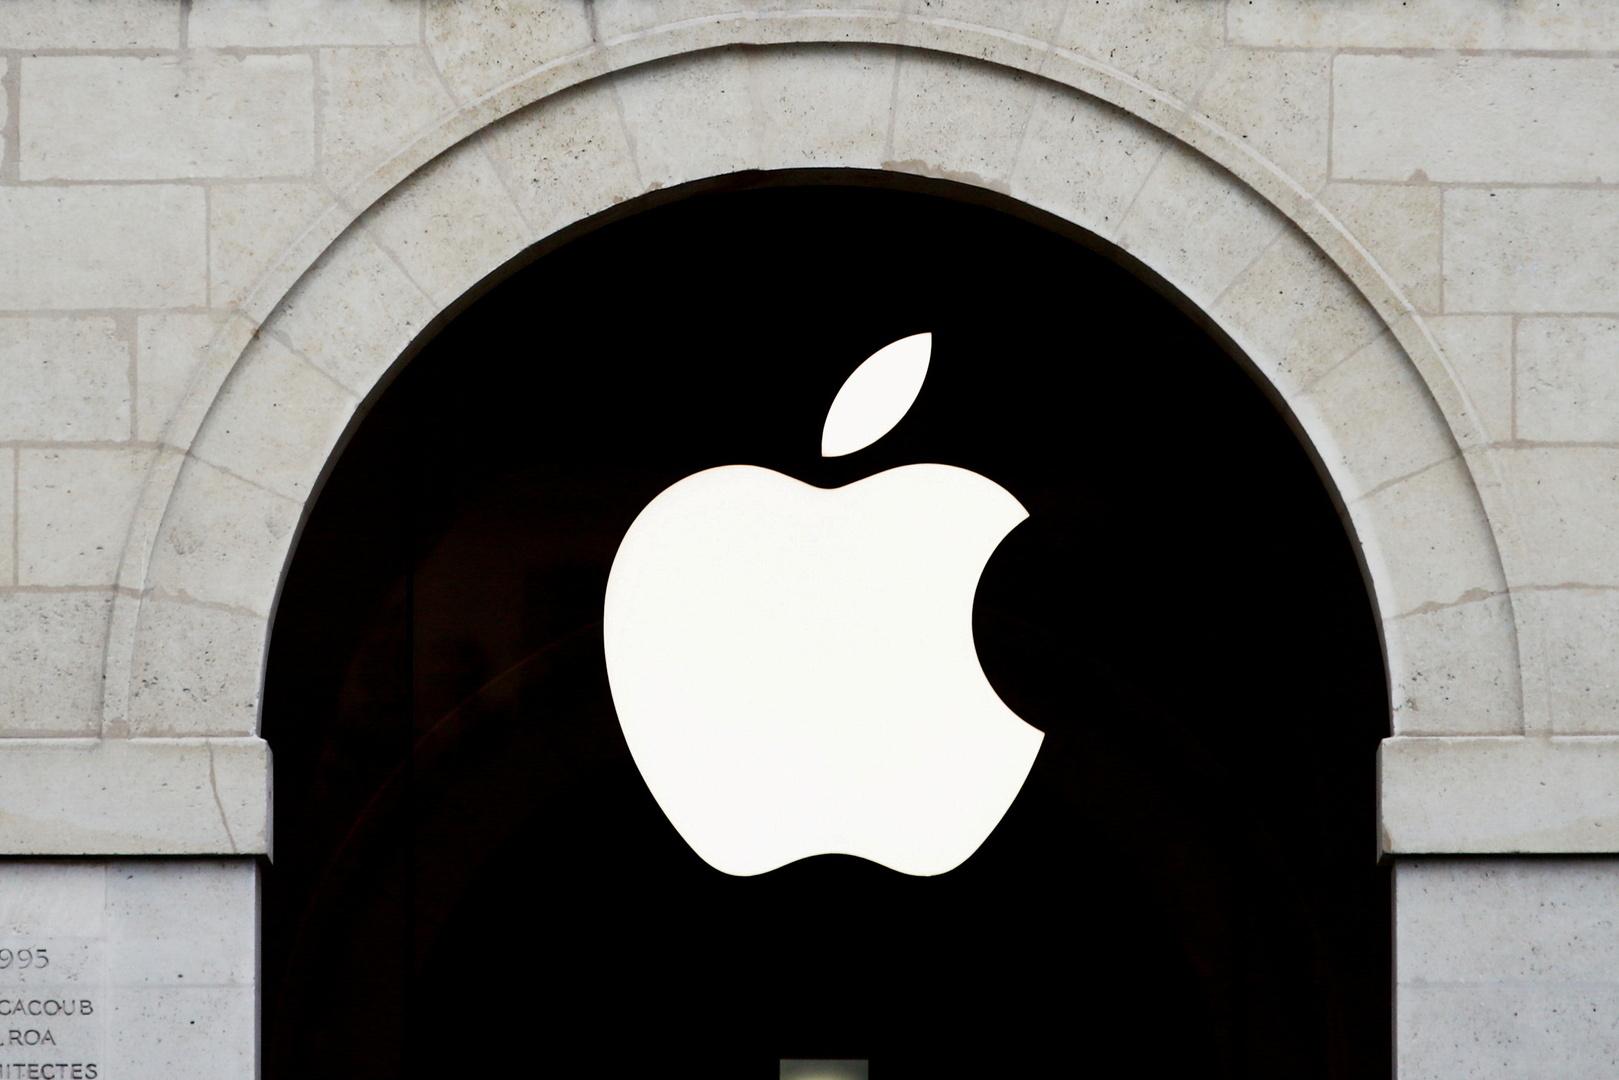 صورة تعبيرية - شعار شركة